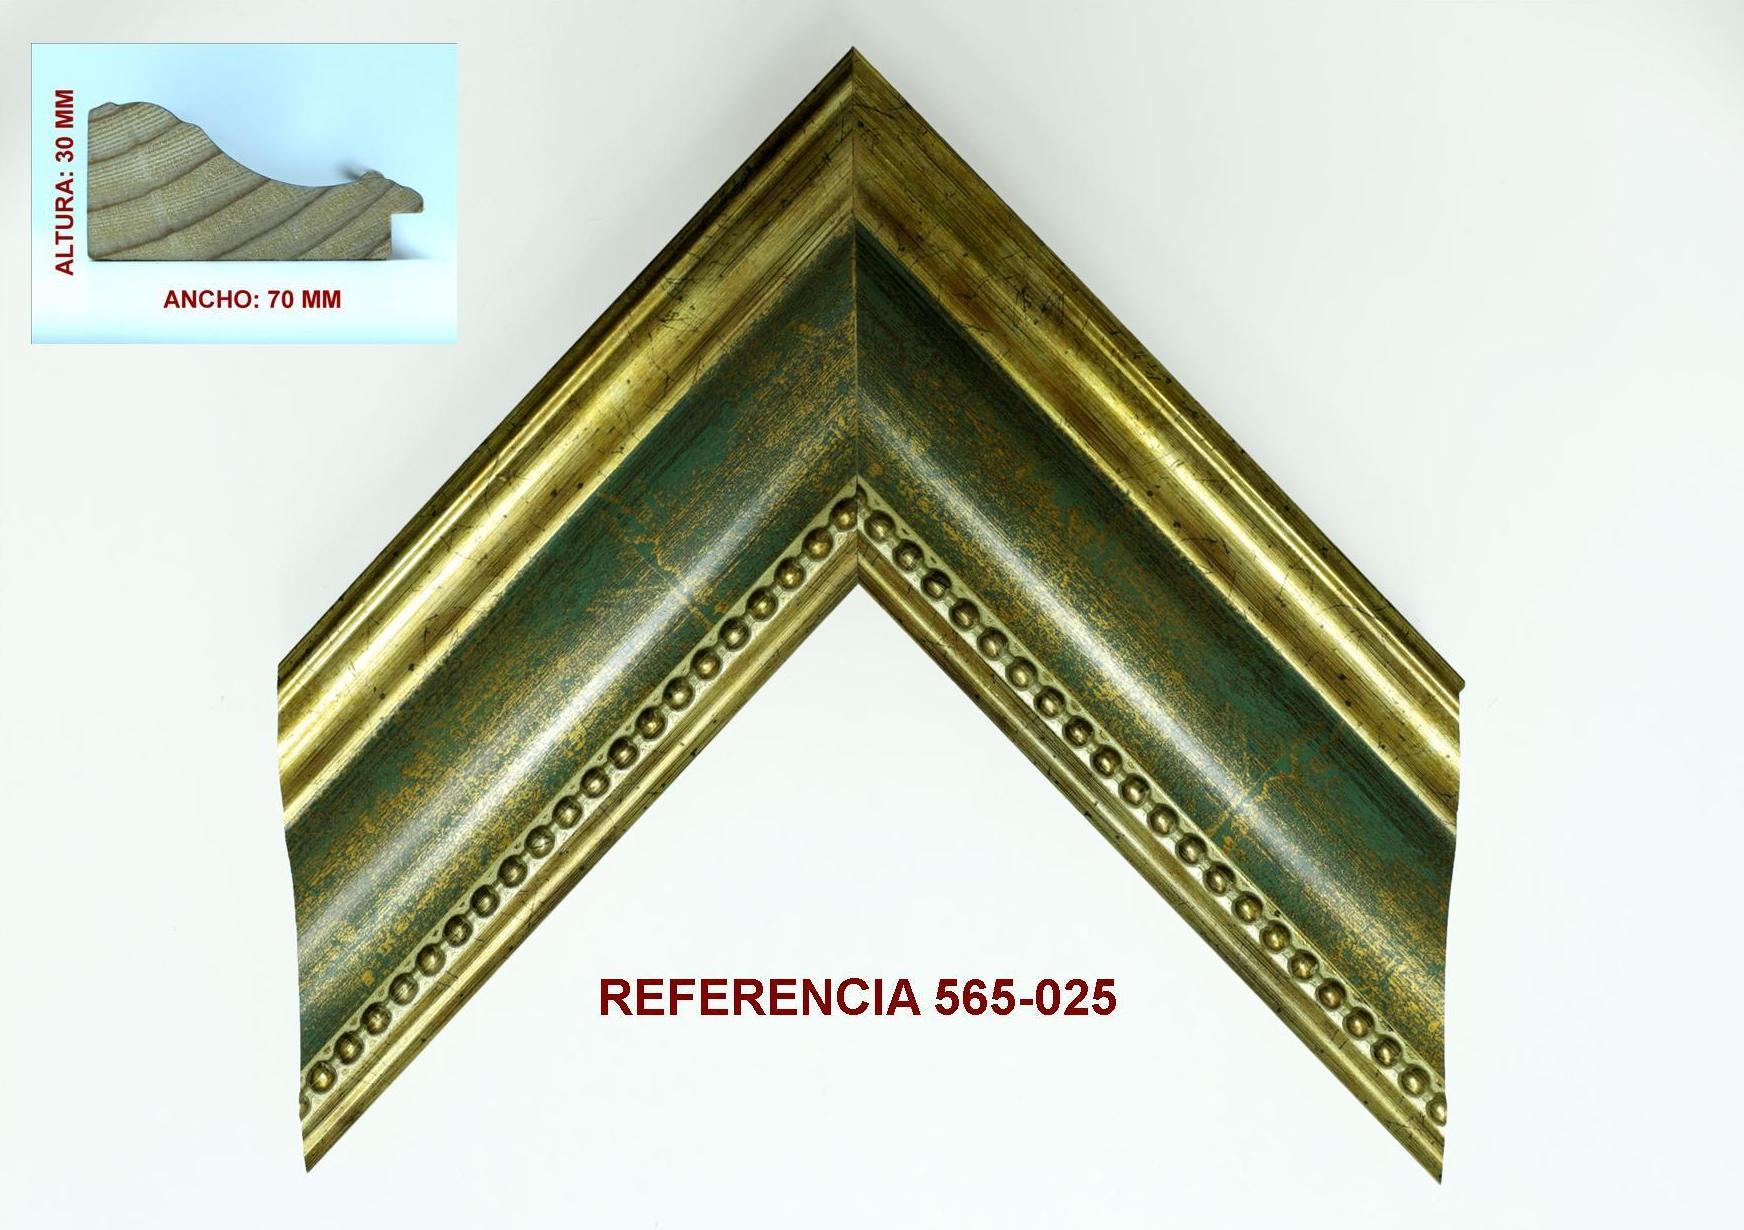 REF 565-025